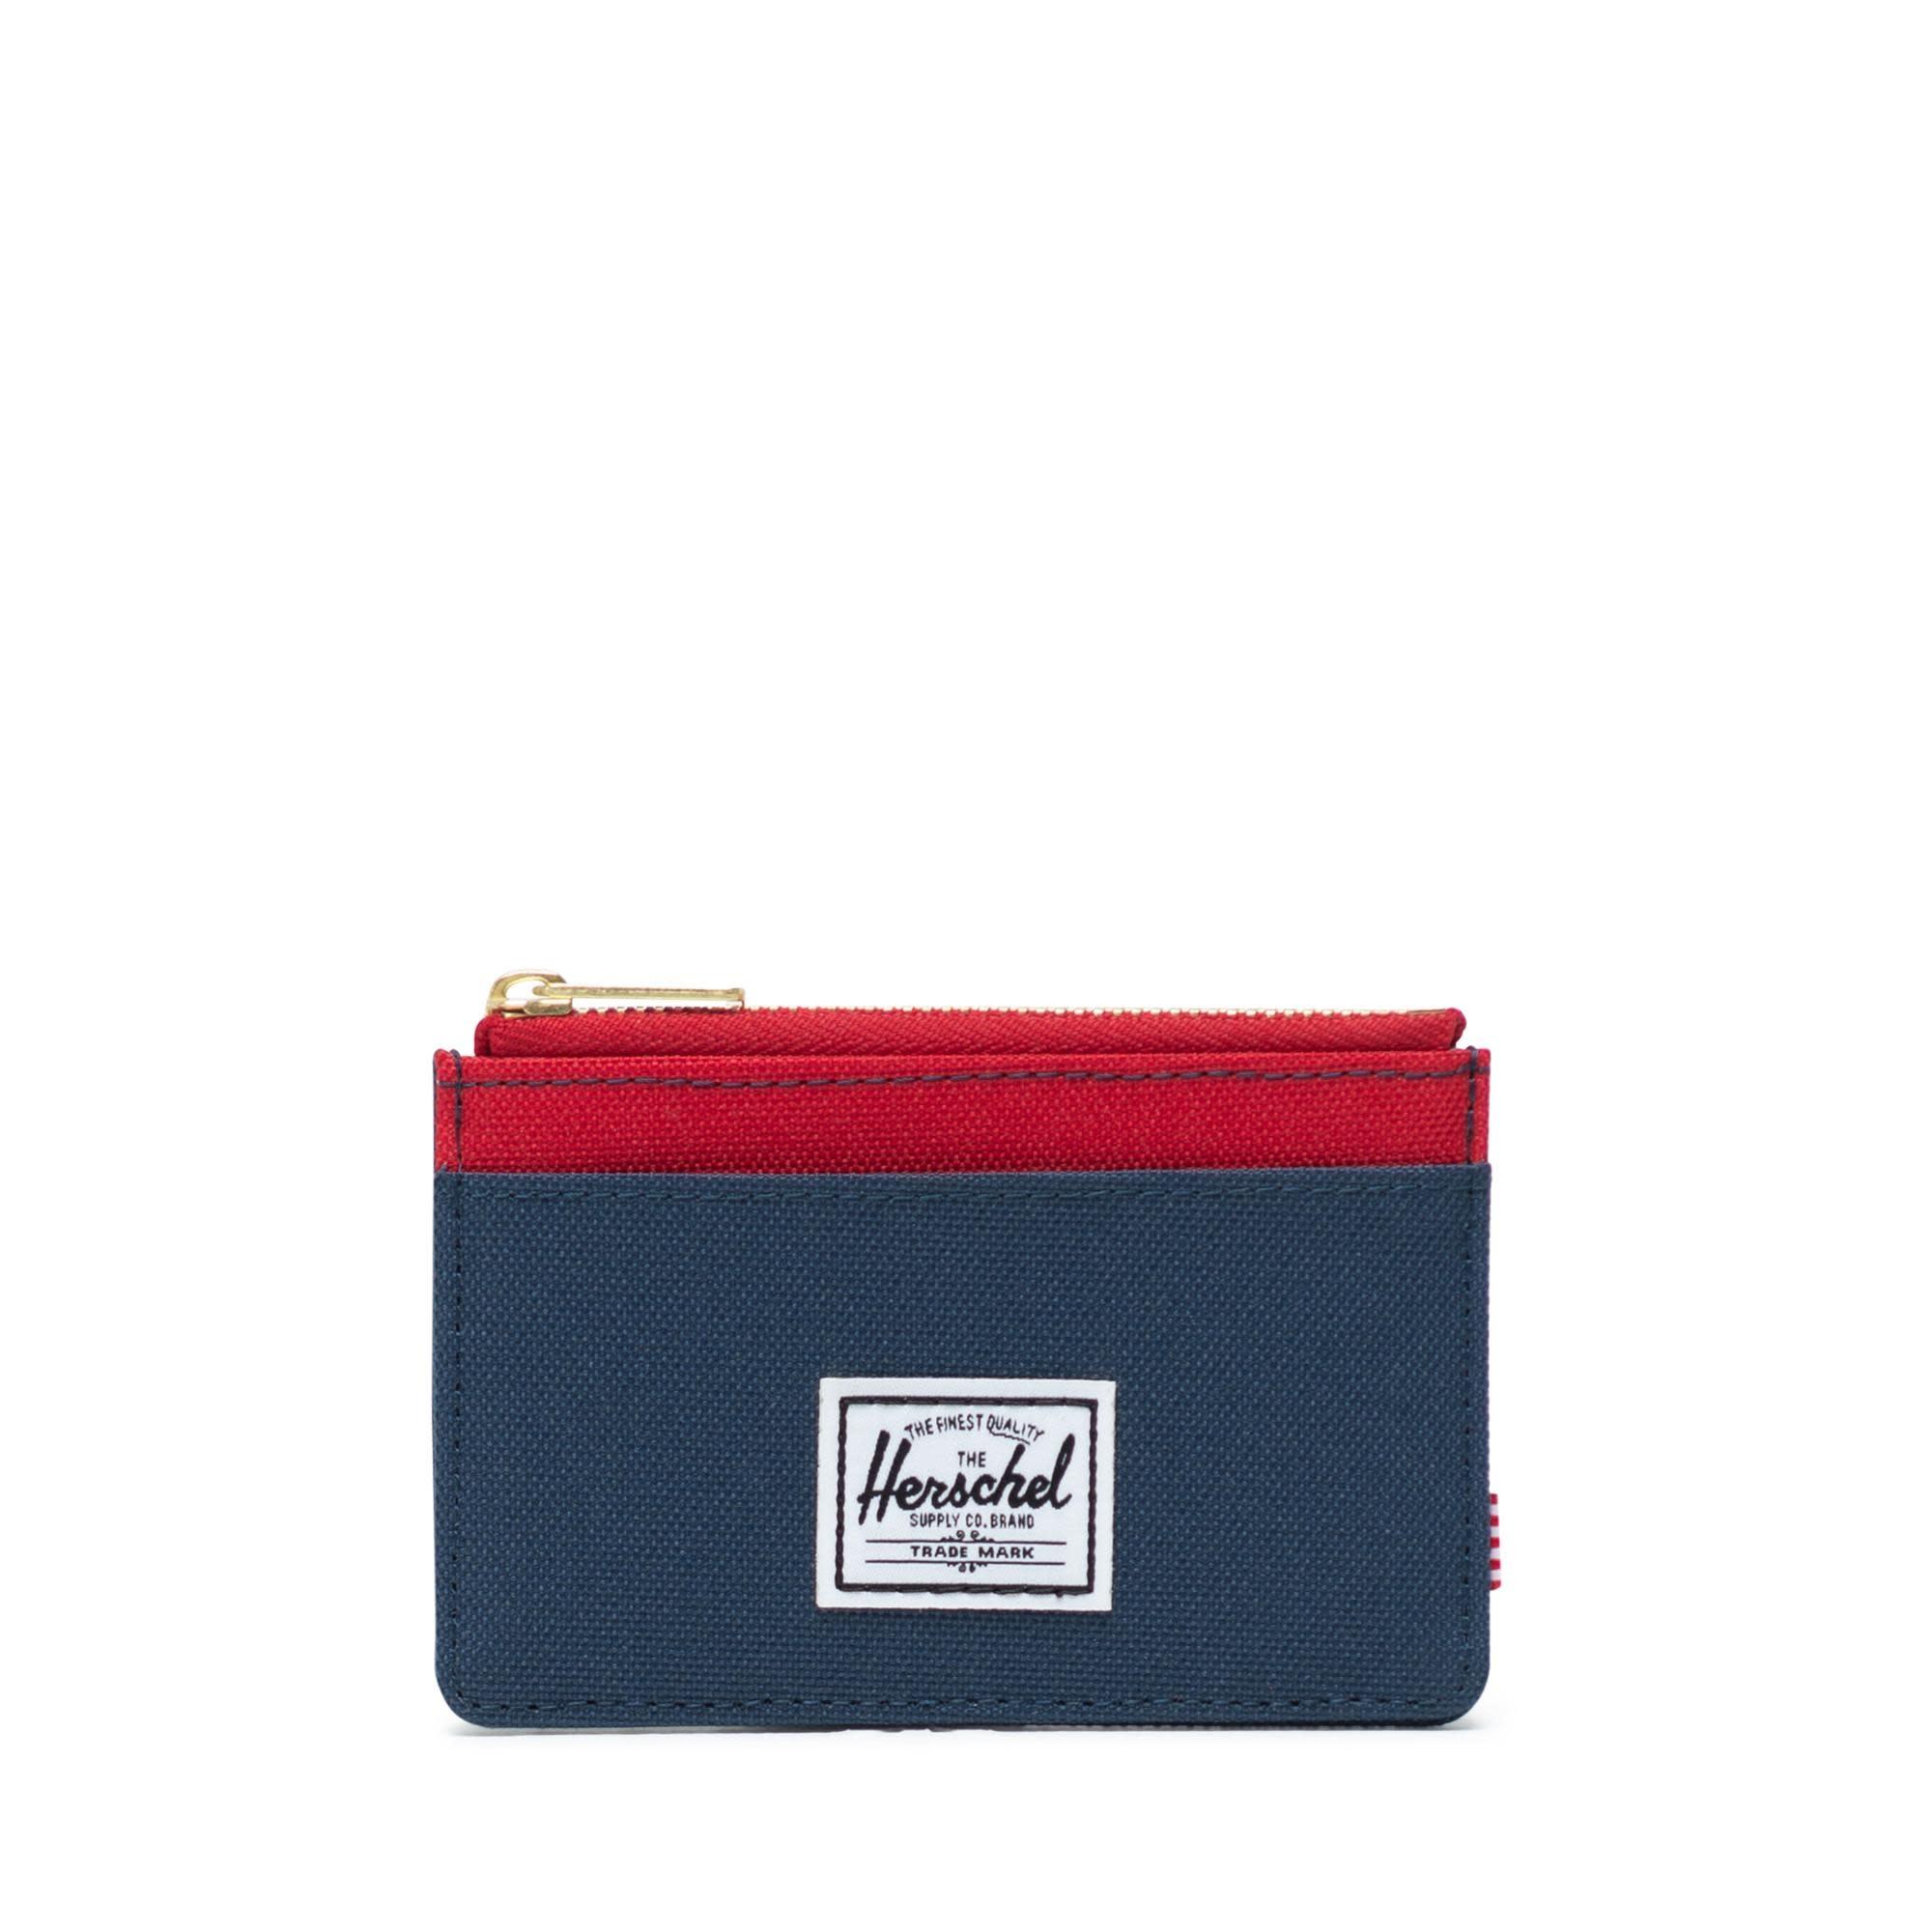 Herschel Supply Co. Herschel Oscar Wallet - Navy/Red/RFID